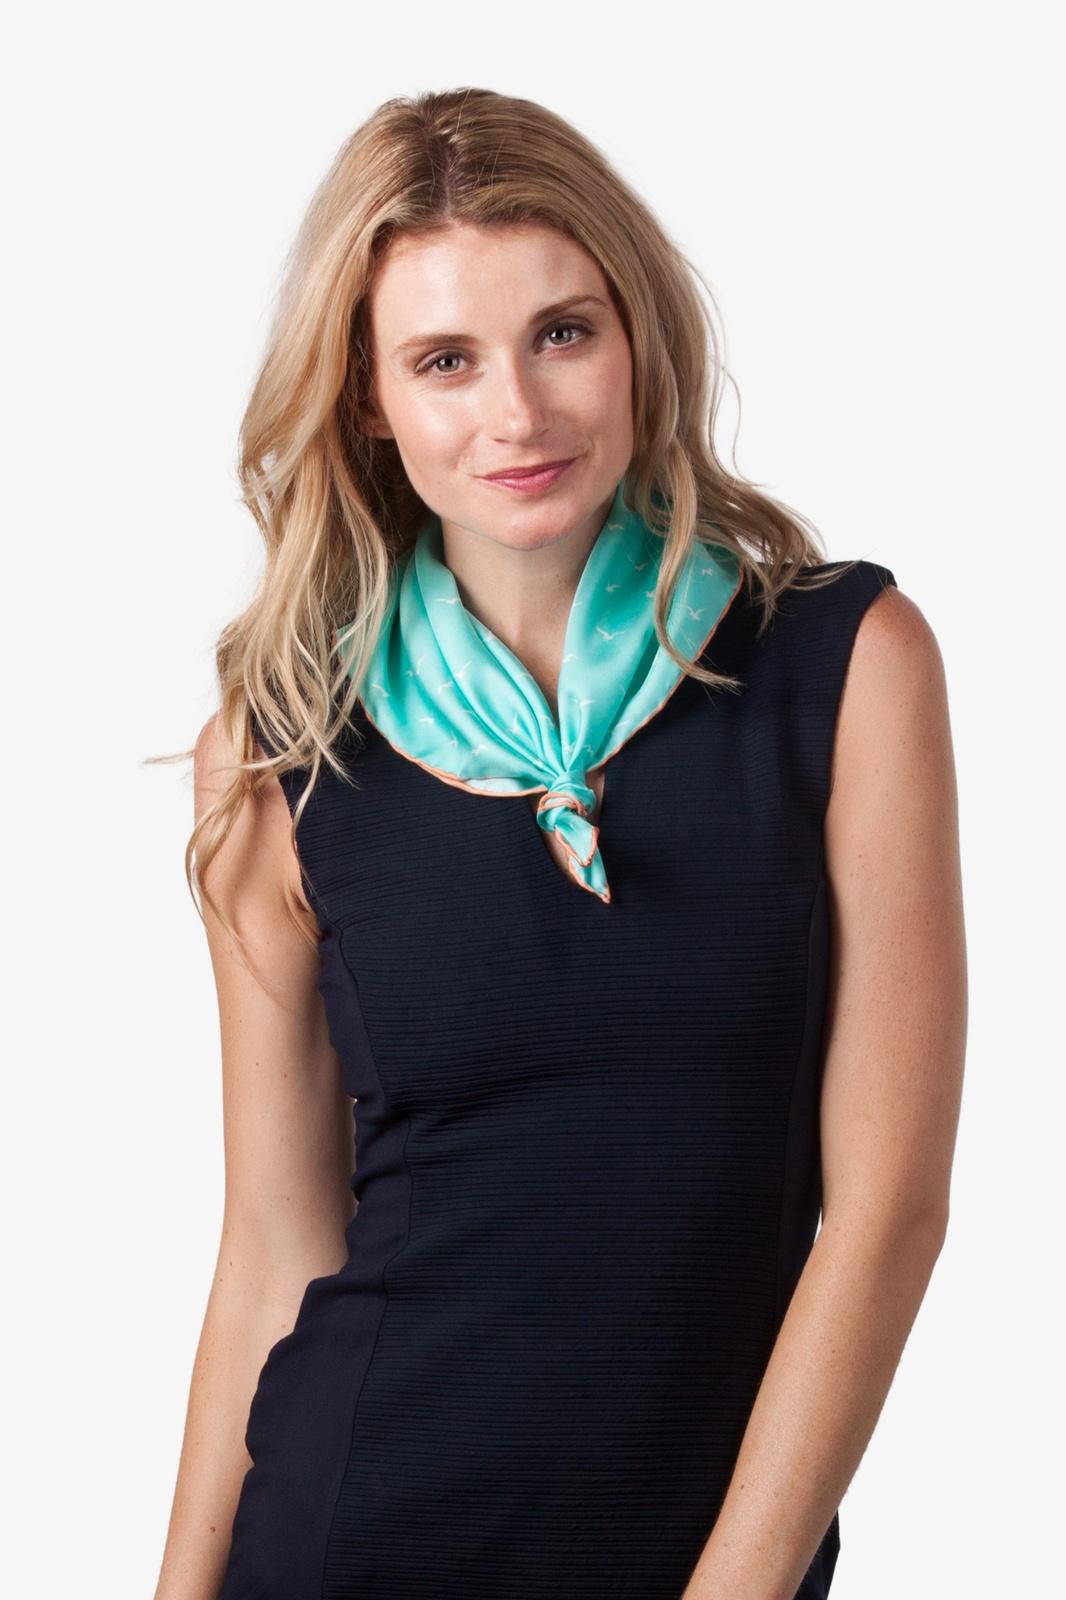 aqua-silk-seagull-silhouettes-neckerchief-238108-95-1600-0.jpg